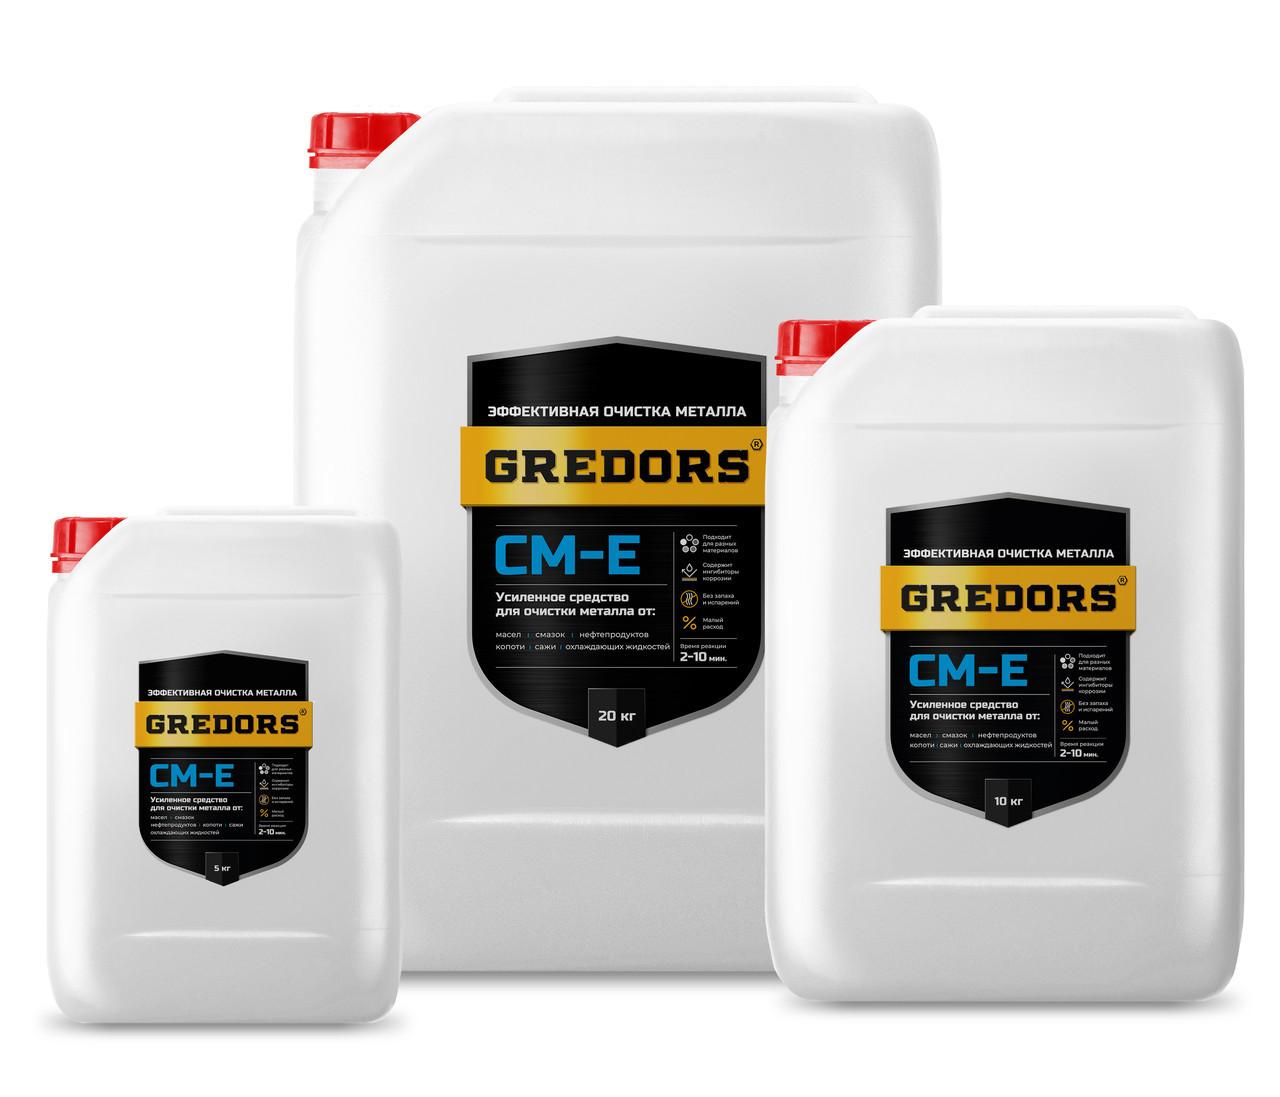 GREDORS CM–P – комбинированное средство для очистки и фосфатирования поверхностей металлов